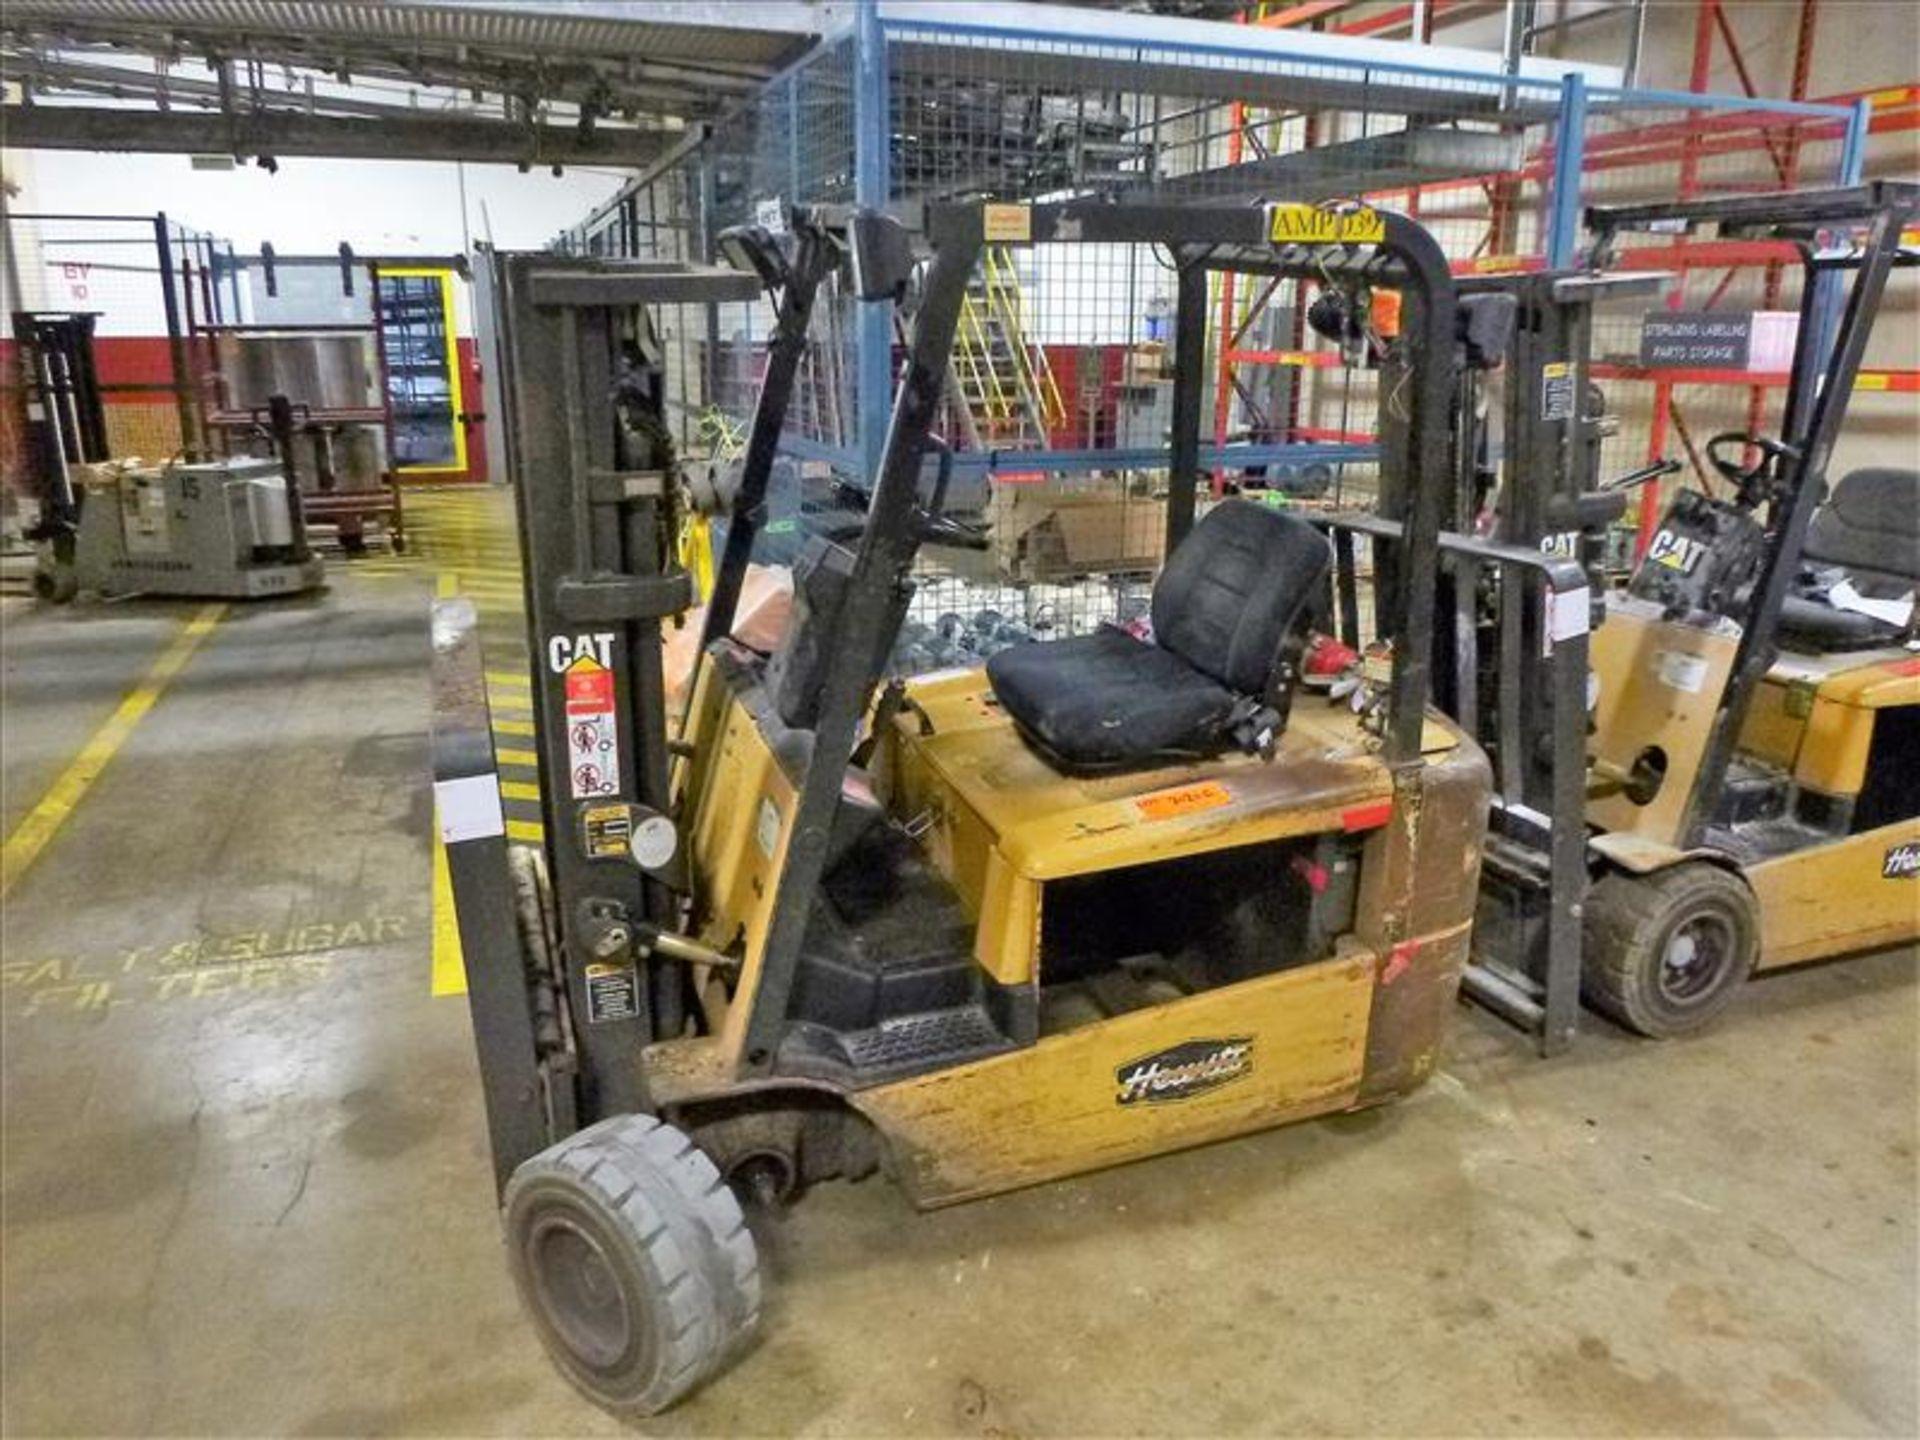 Lot 2020A - Caterpillar fork lift truck, mod. EC20KT, ser. no. ETB5A50548, 48V electric, 3750 lbs cap., 159